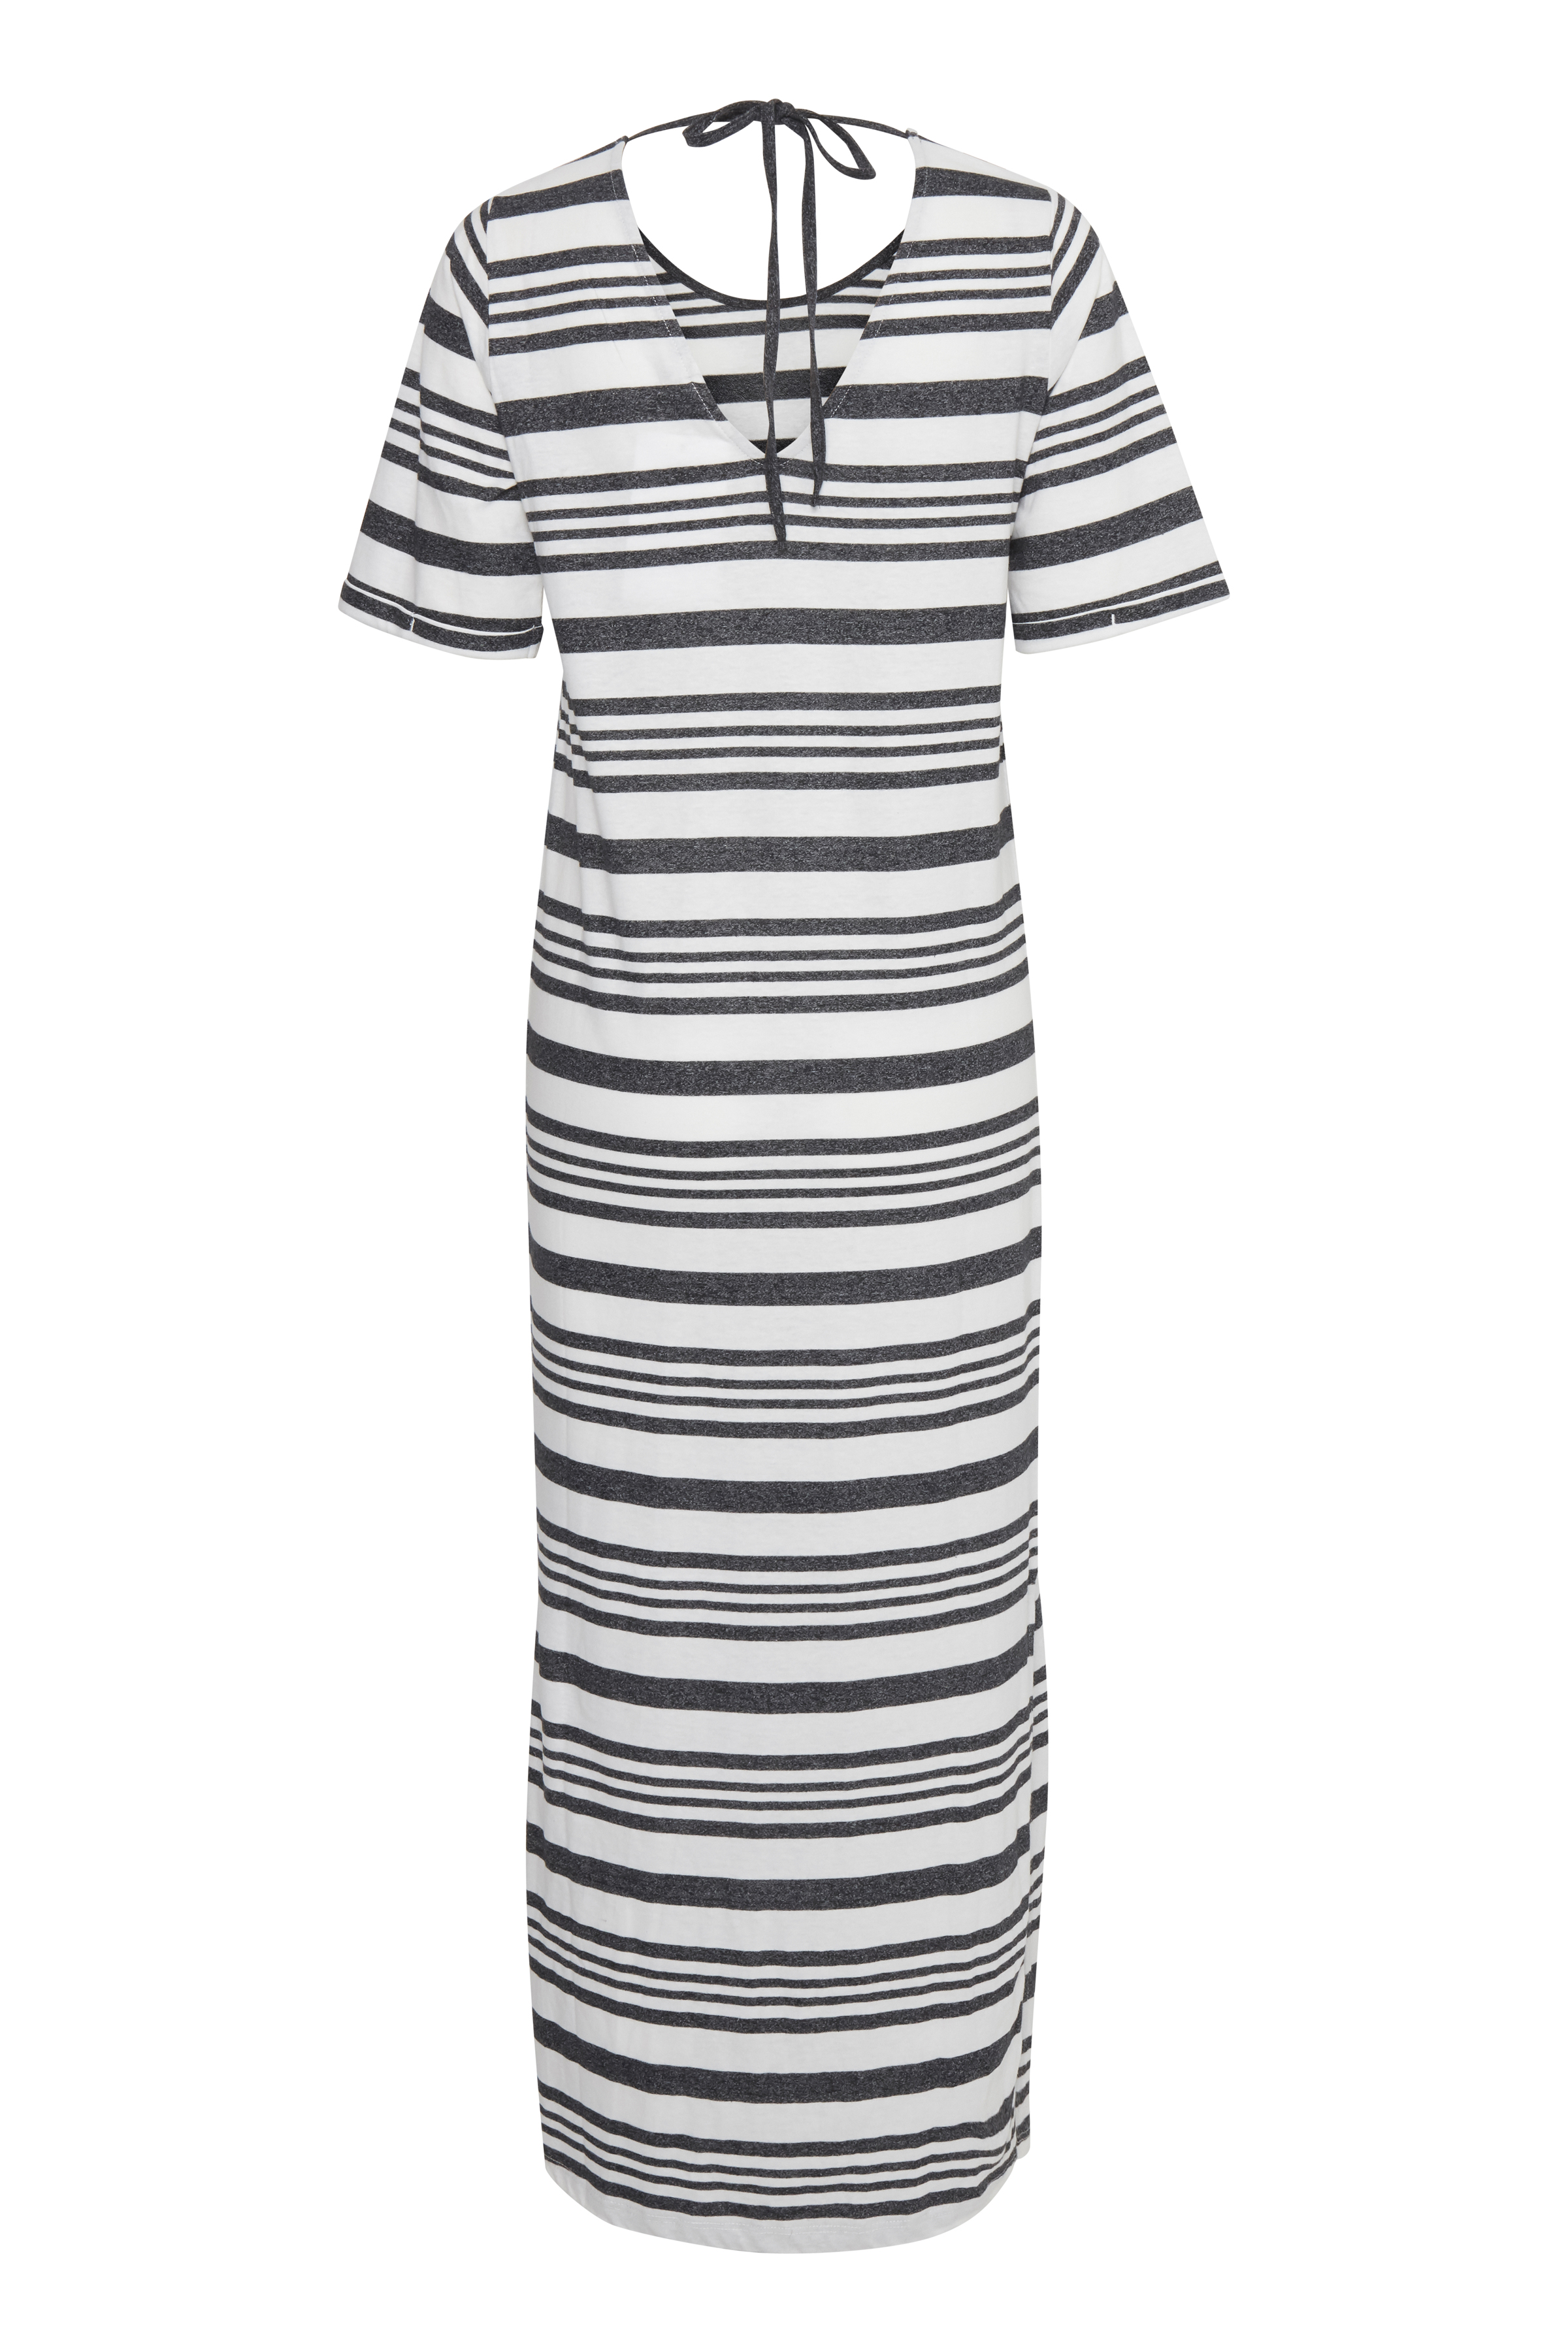 Wide Stripe Black Jerseykjole – Køb Wide Stripe Black Jerseykjole fra str. XS-XL her